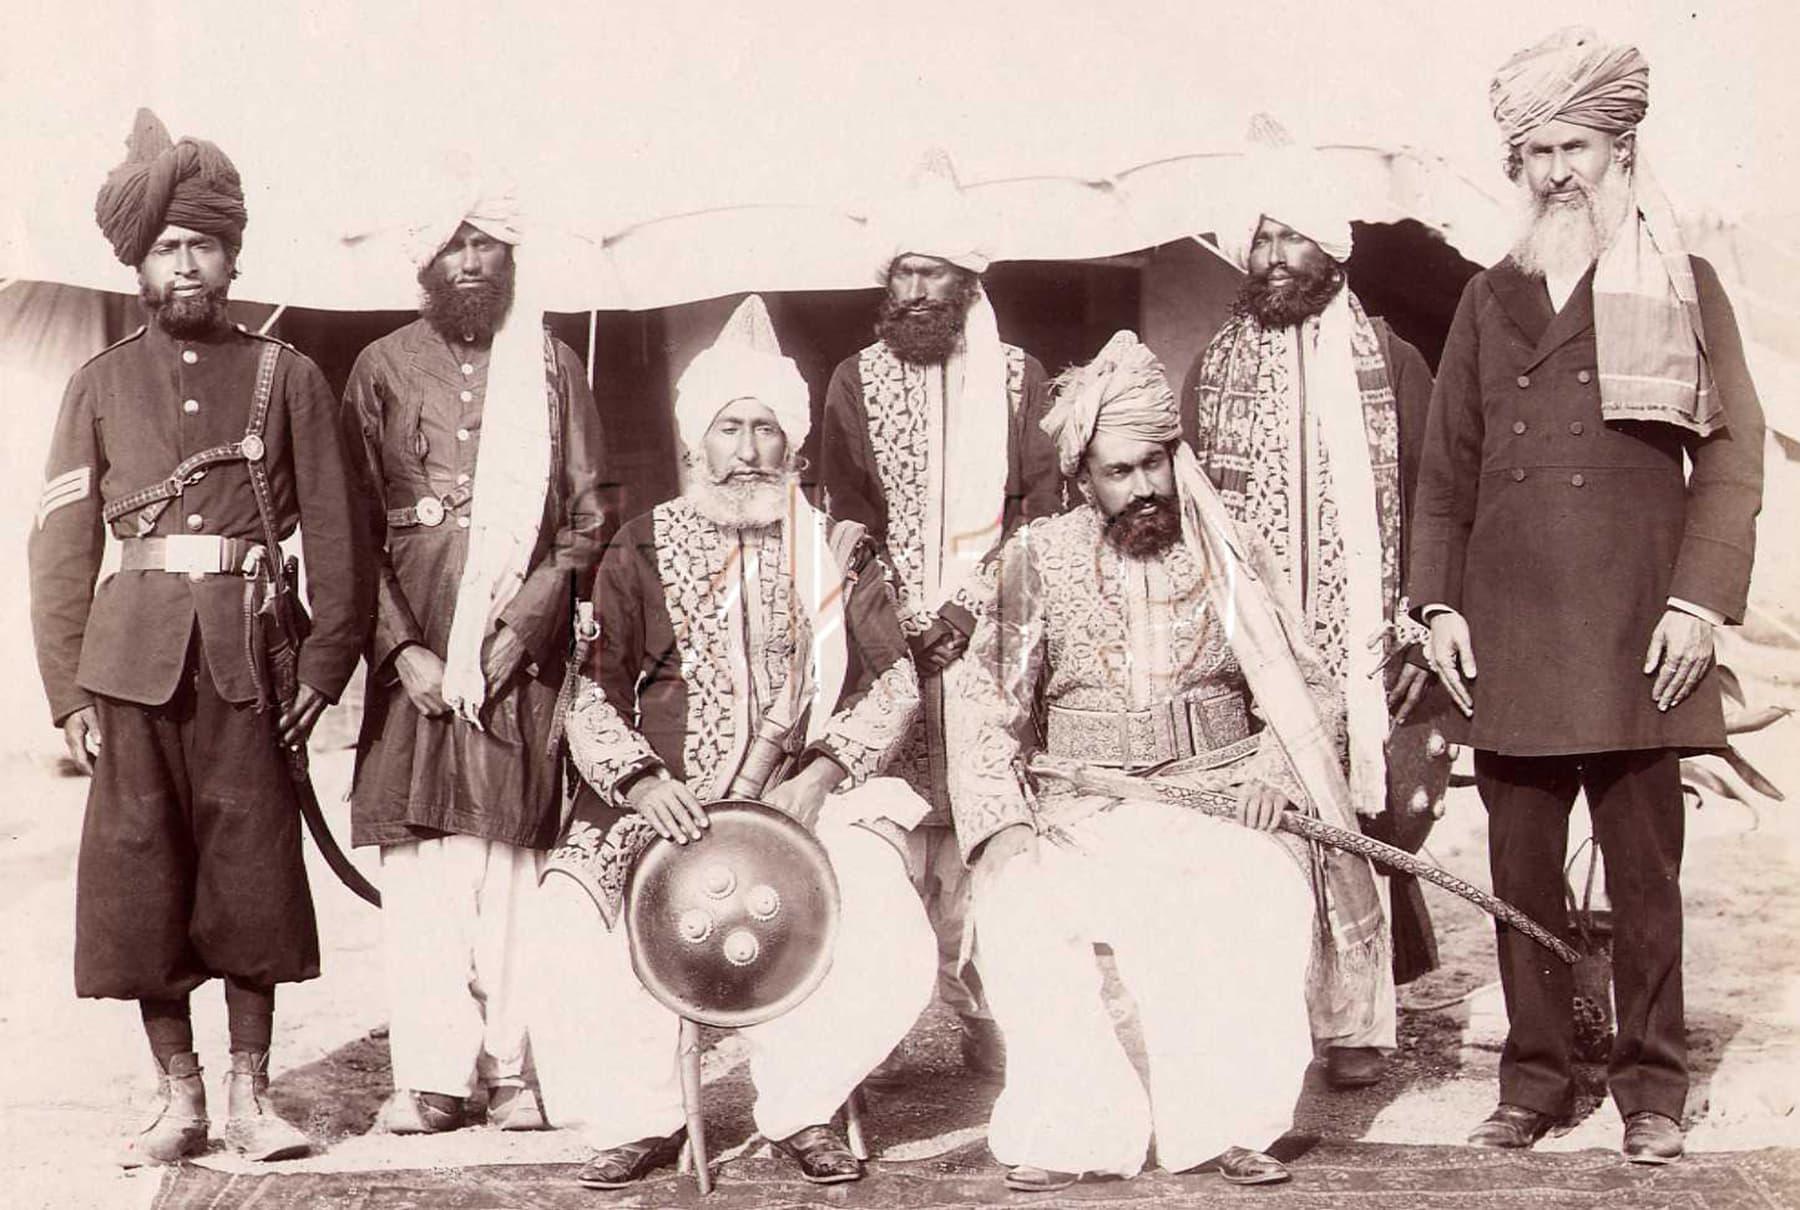 لسبیلہ کے جام دہلی دربار میں (1903ء)